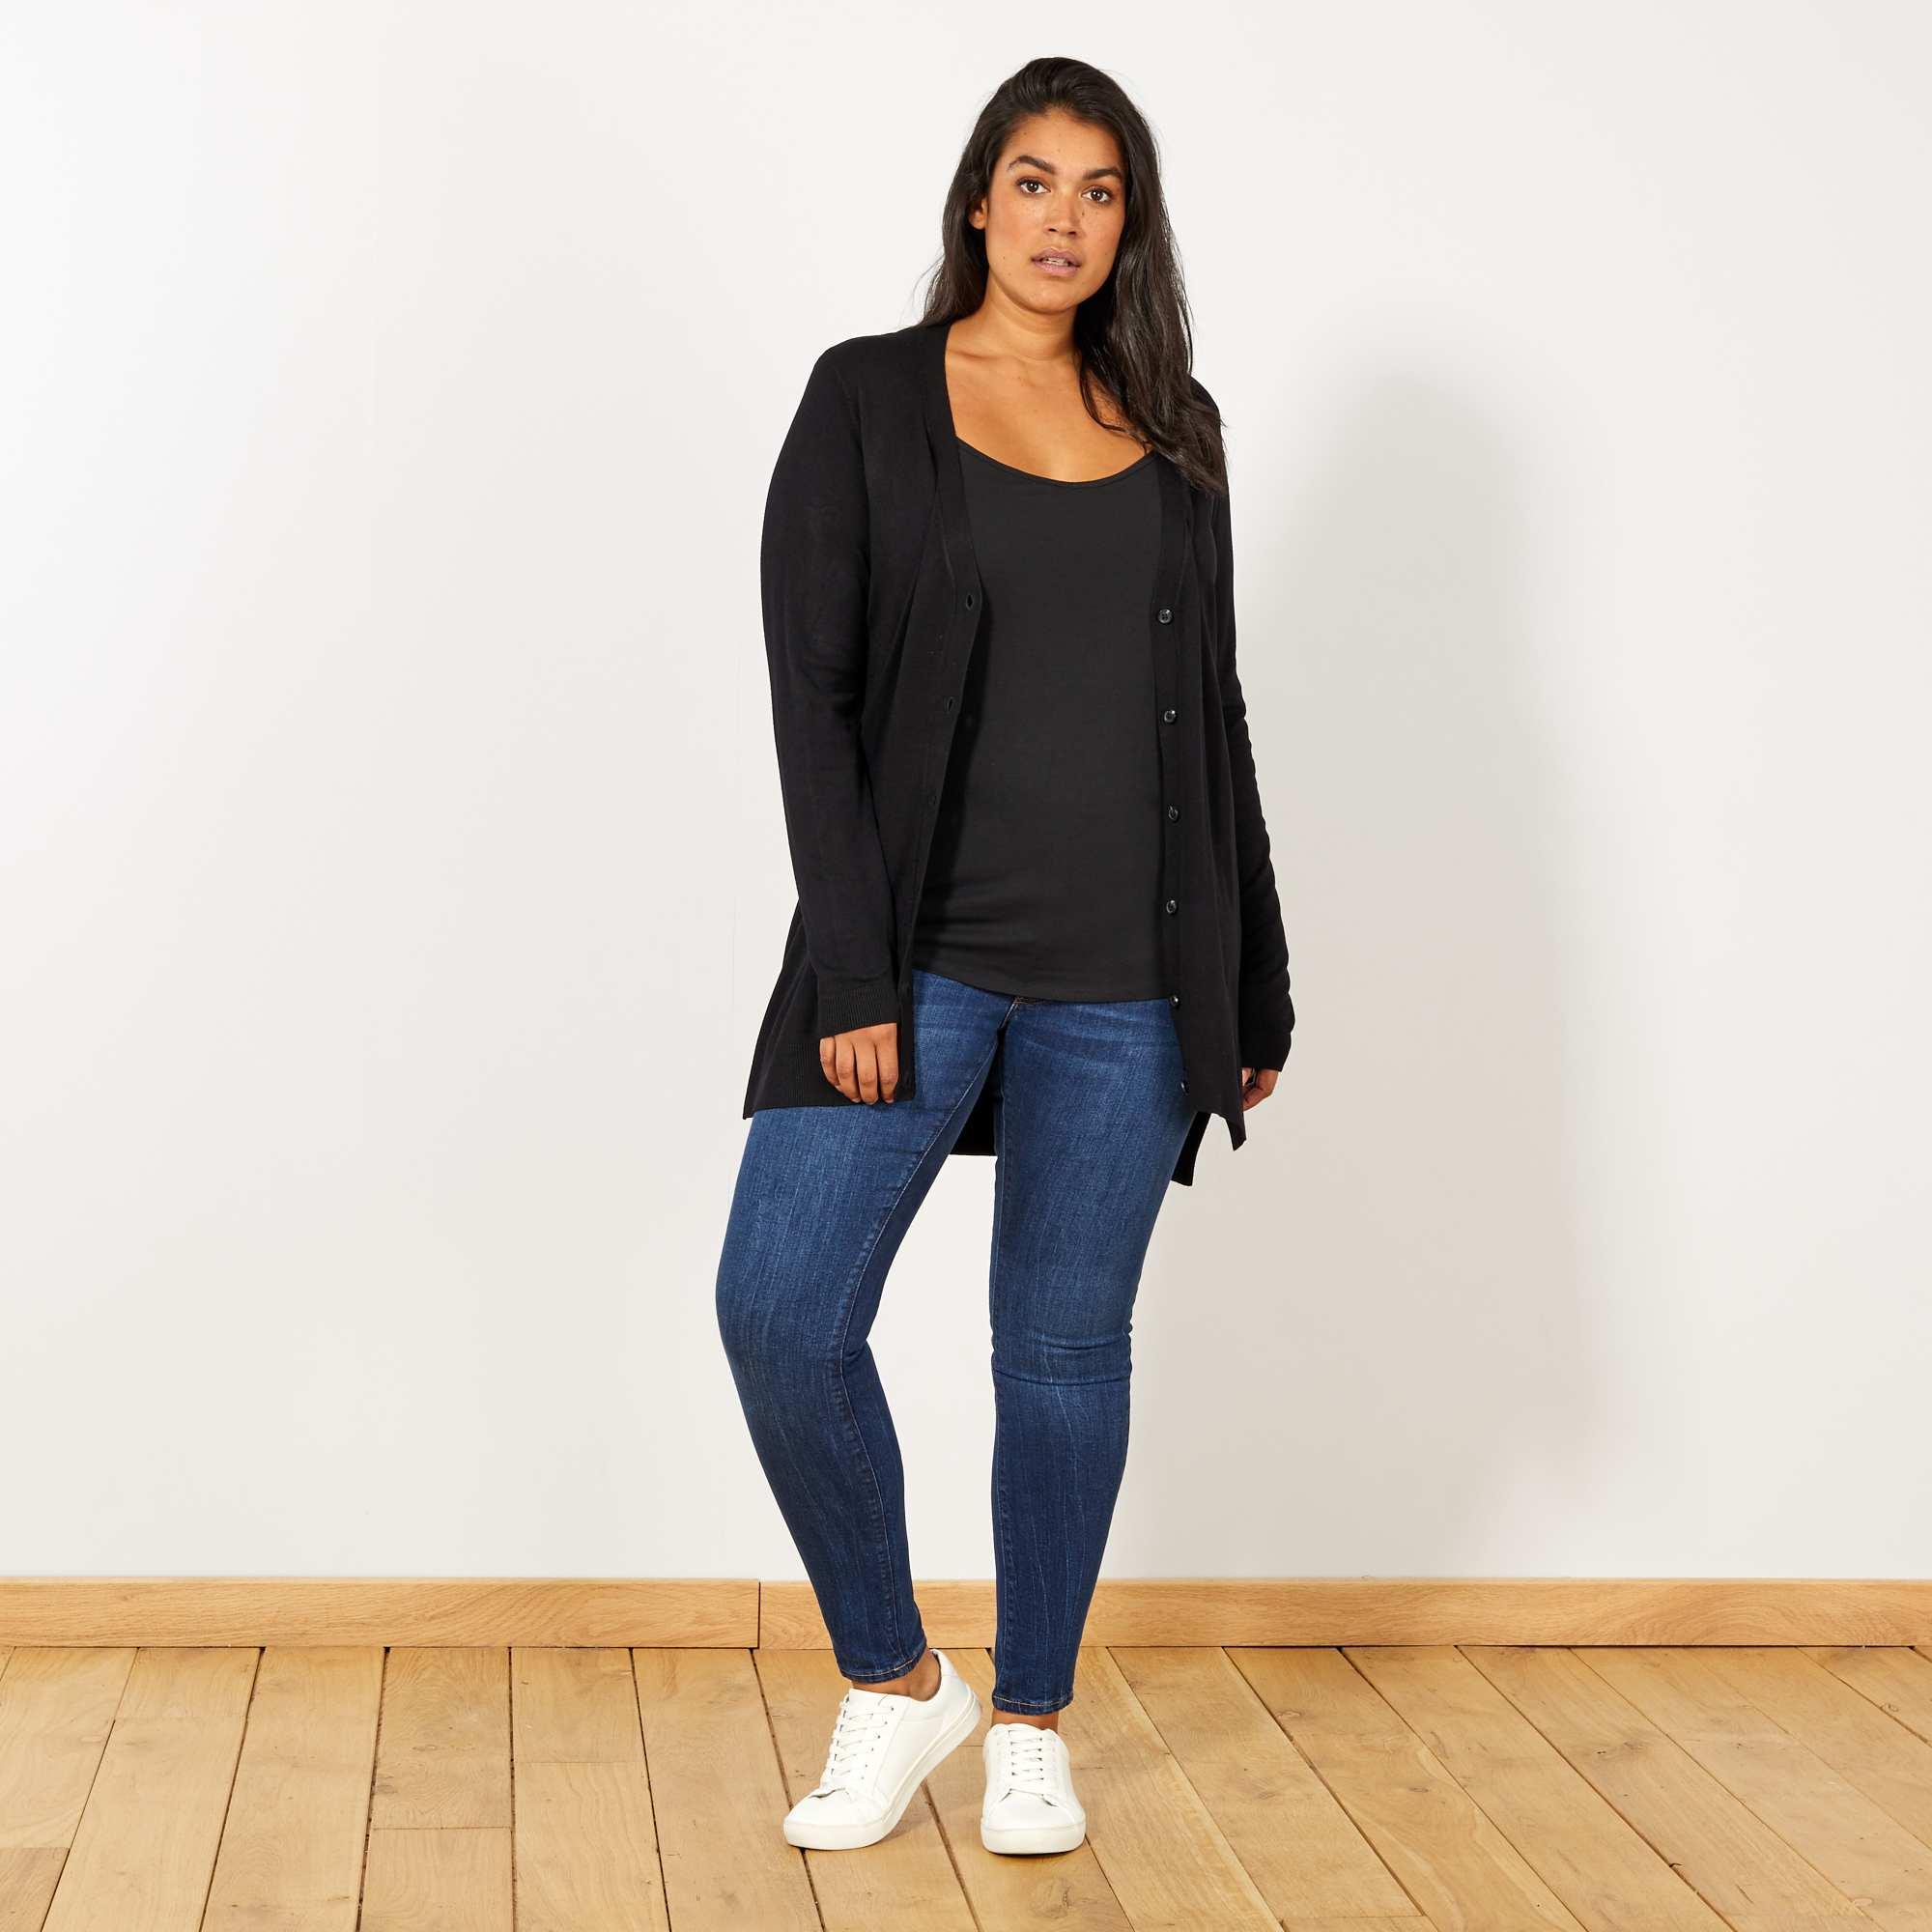 gilet boutonn fine maille grande taille femme noir kiabi 10 80. Black Bedroom Furniture Sets. Home Design Ideas